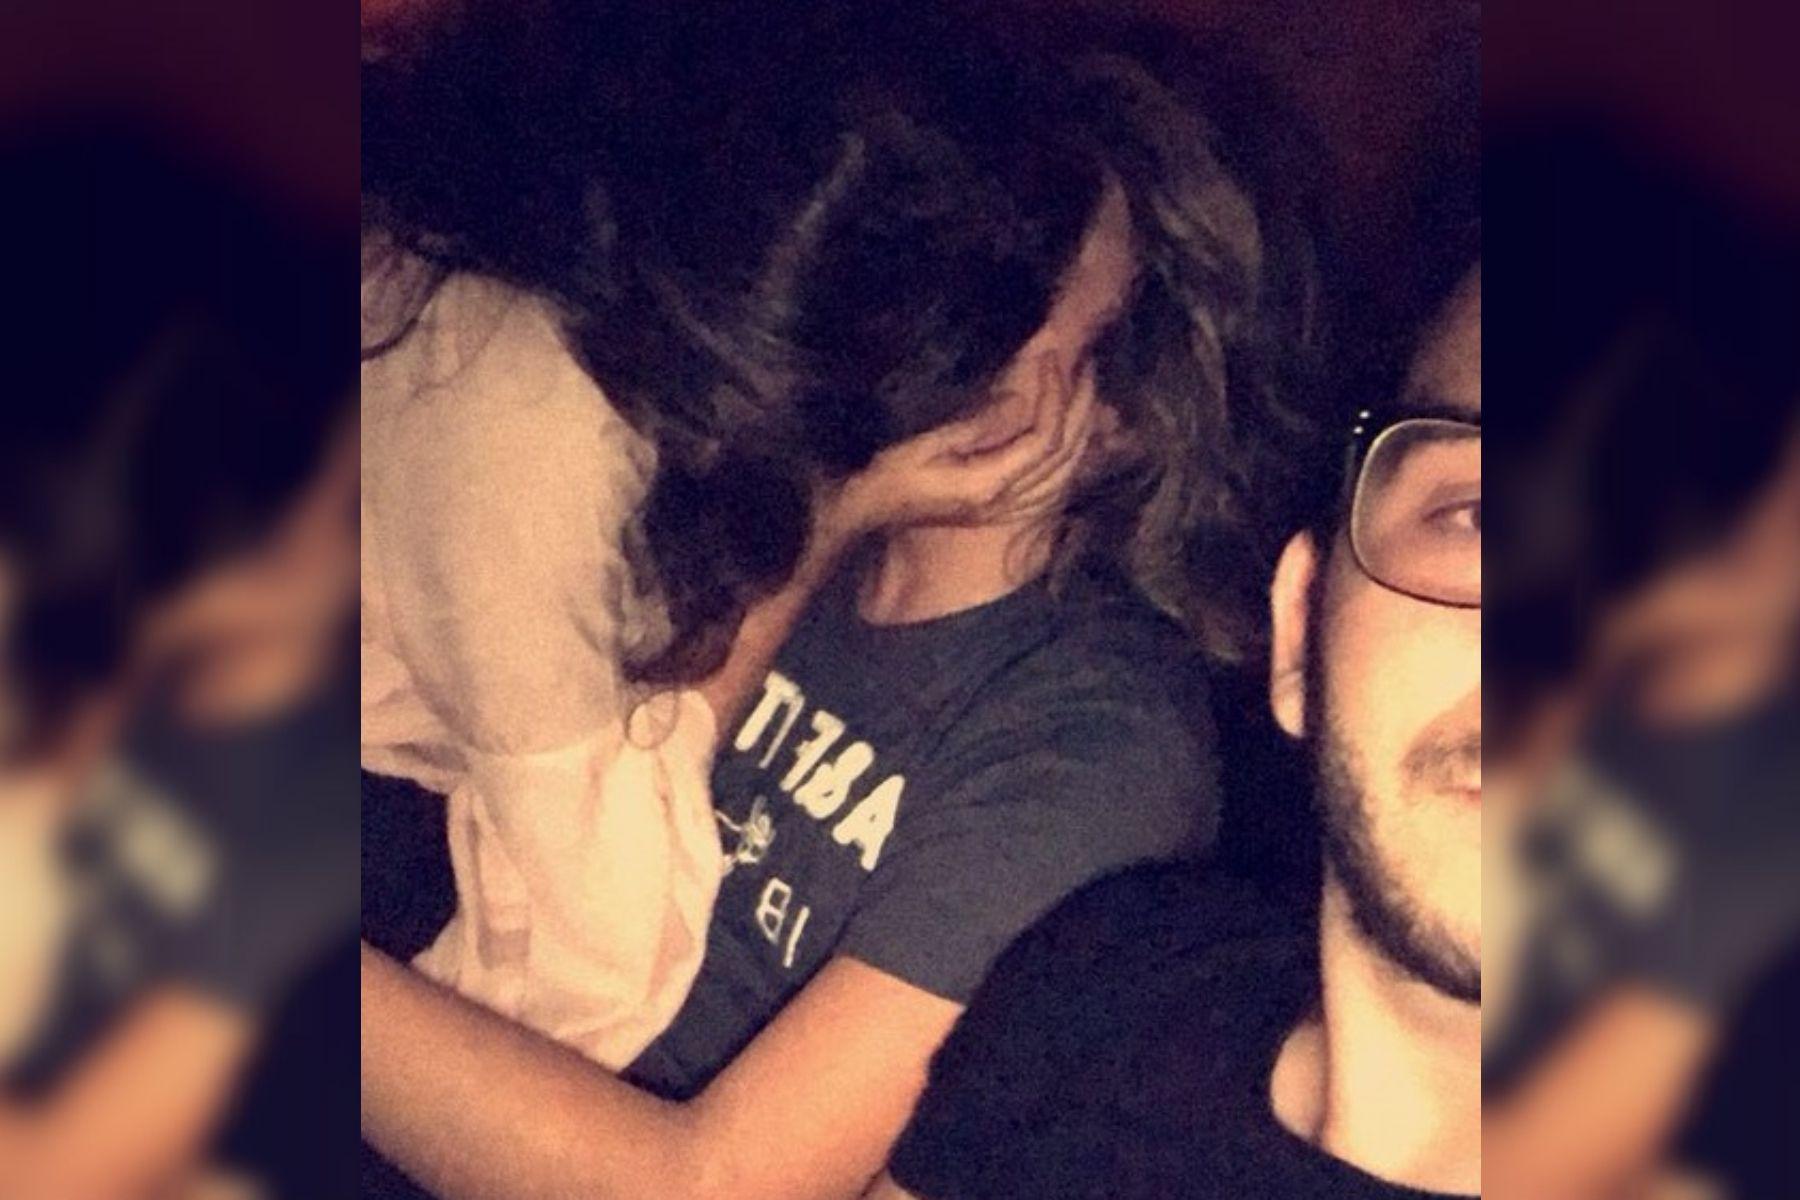 Nada de reproches: encontró a su novia besándose con otro, y su reacción fue insólita